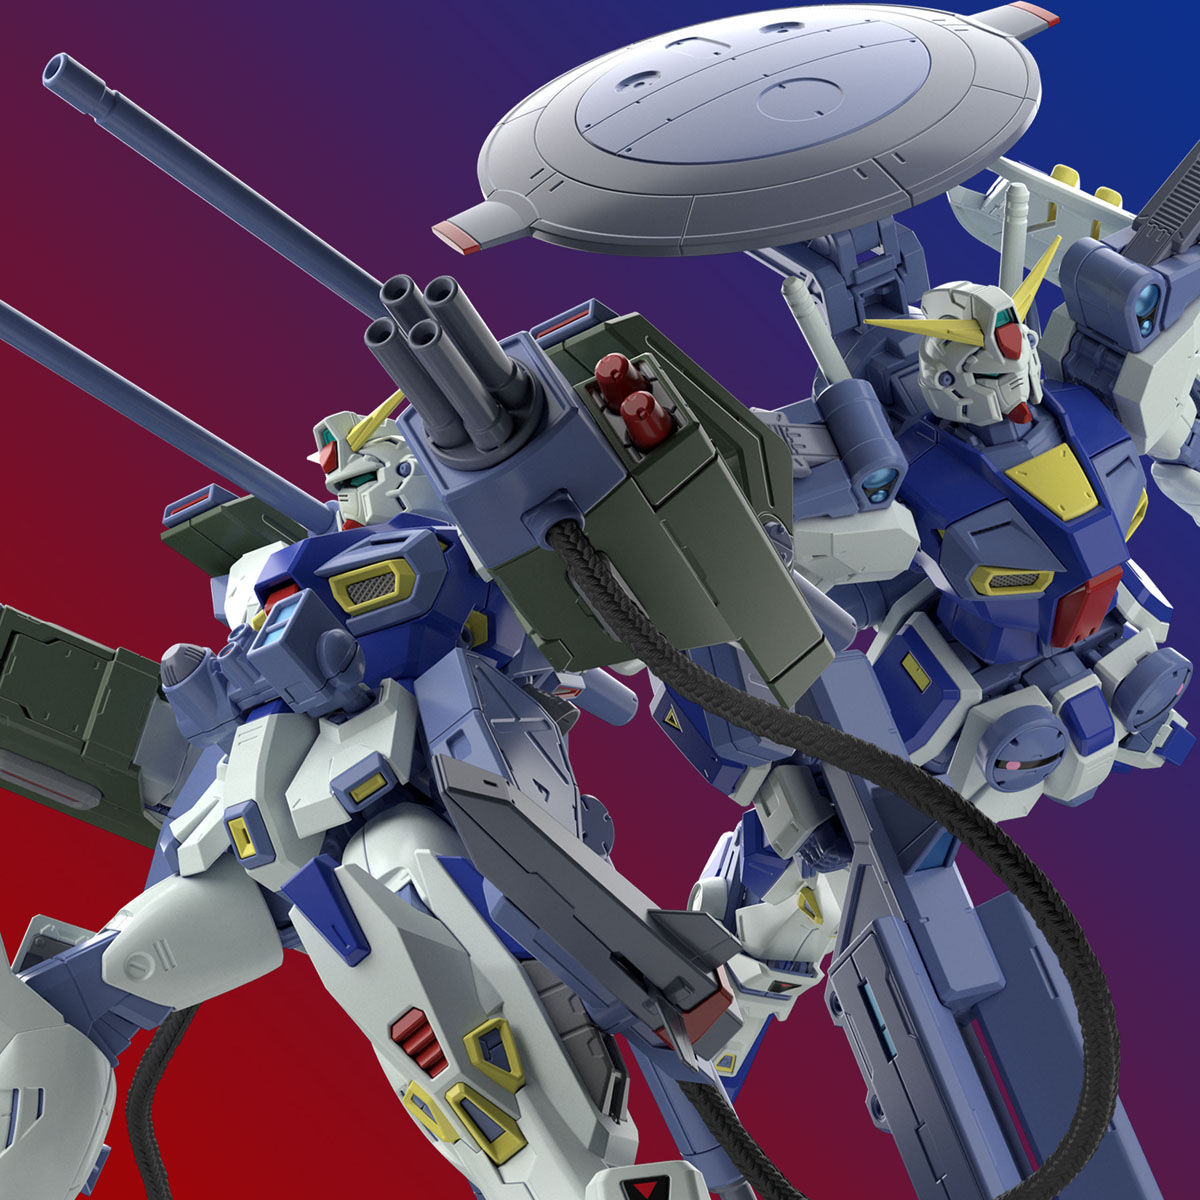 MG 1/100『ガンダムF90用 ミッションパック Eタイプ&Sタイプ』プラモデル-001